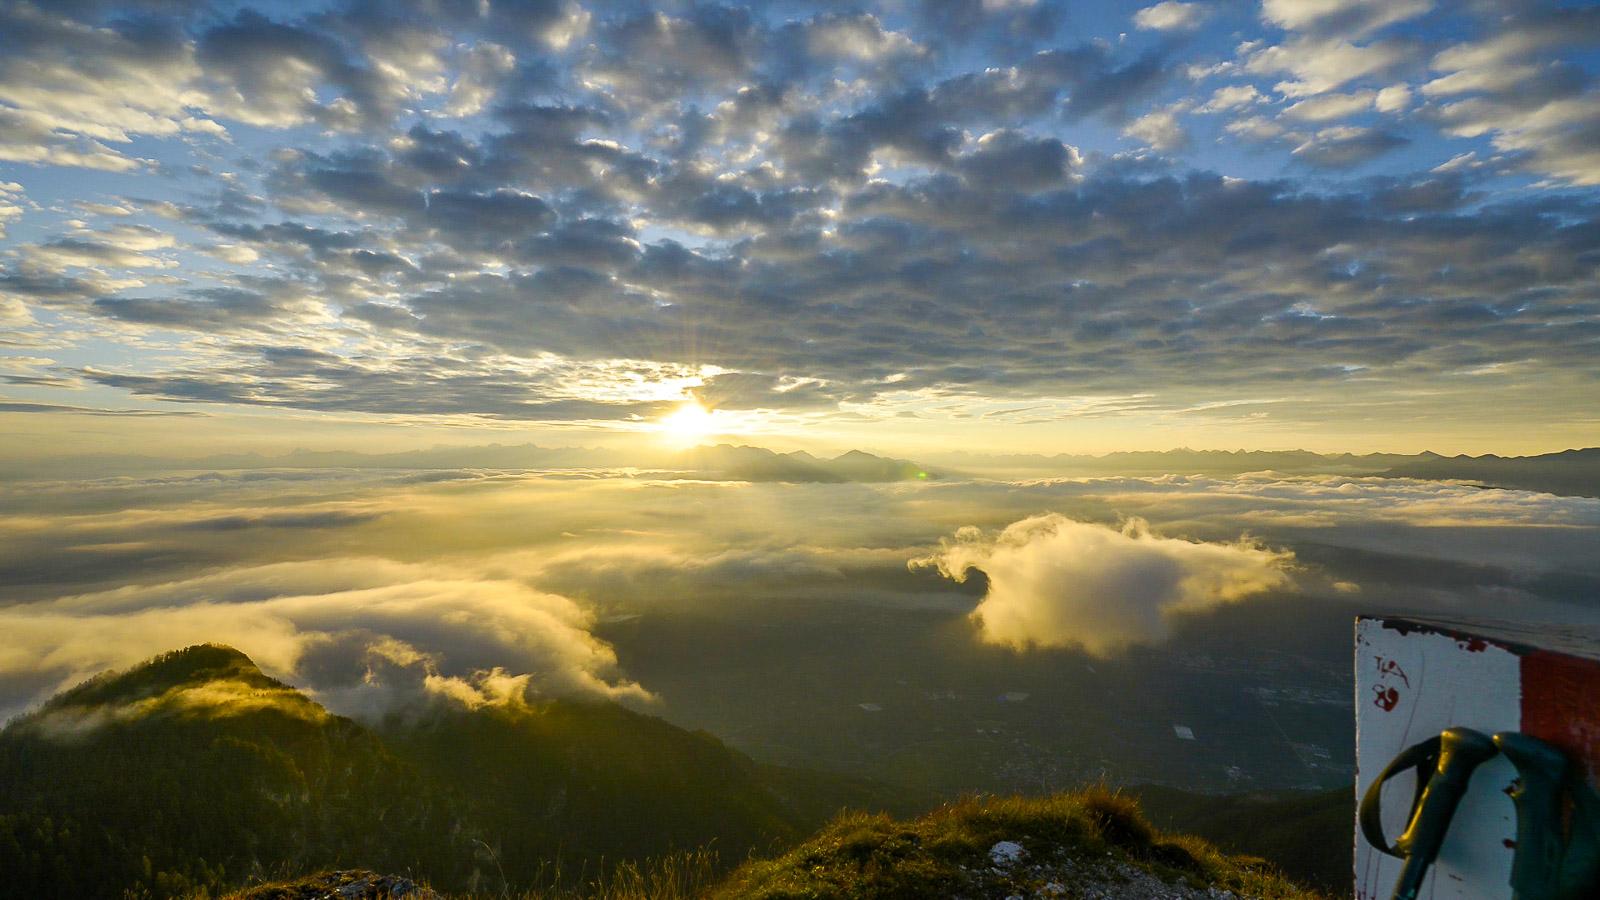 Sonnenaufgang am Roen-Blick zu den Dolomiten